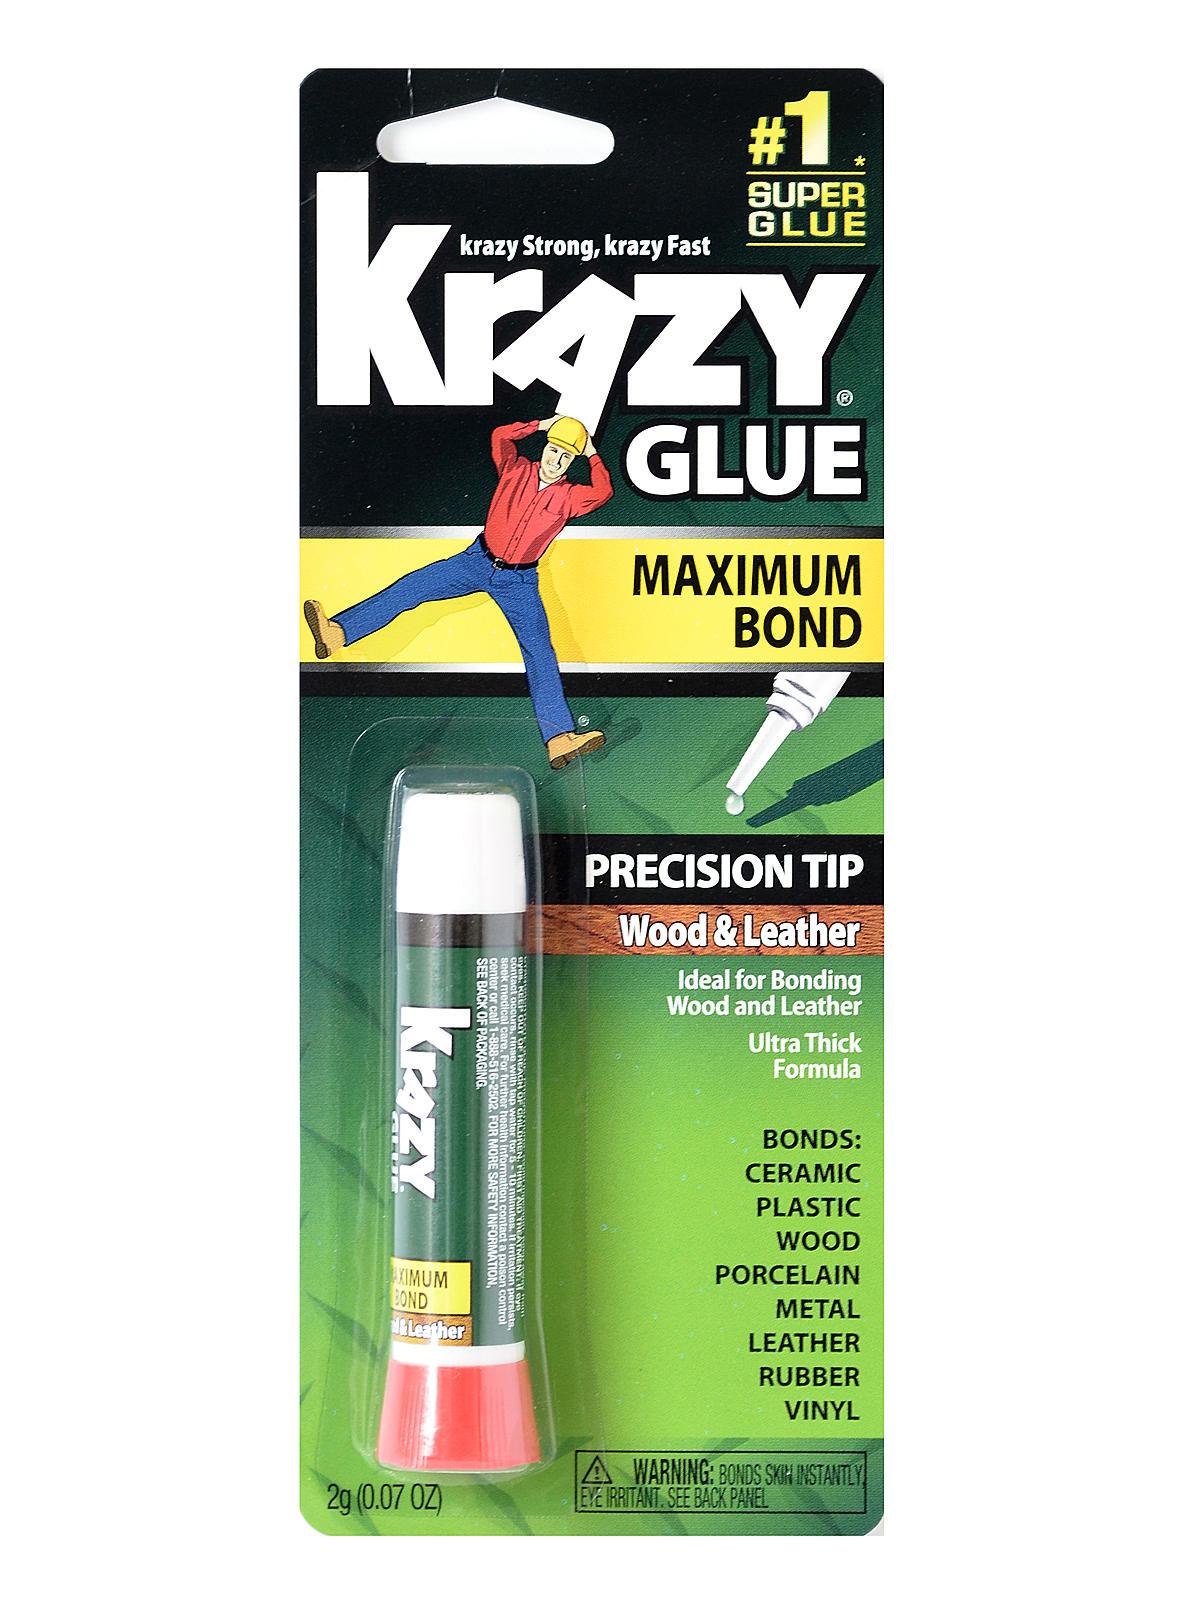 Instant Krazy Glue Original Formula For Wood & Leather